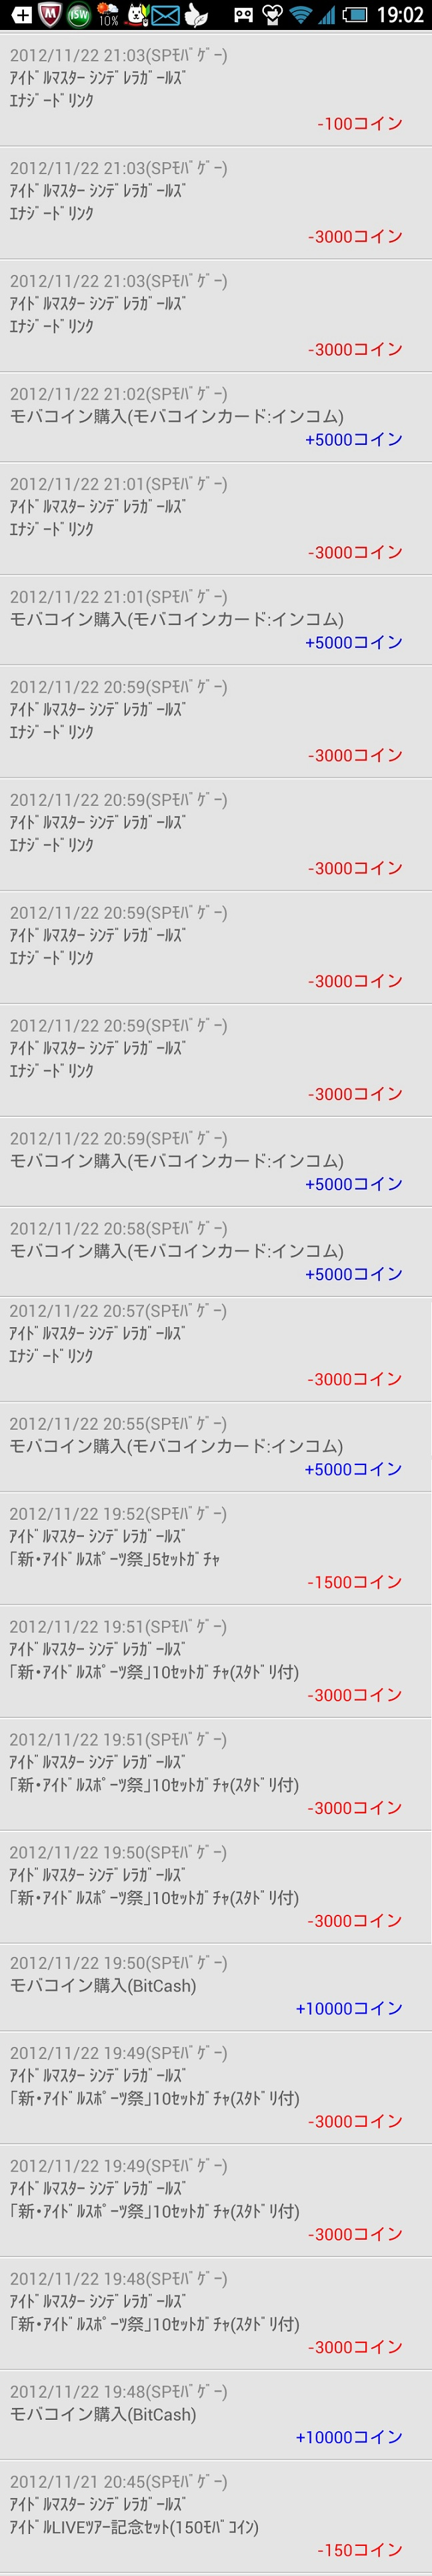 2012-12-29-19-02-57.jpg